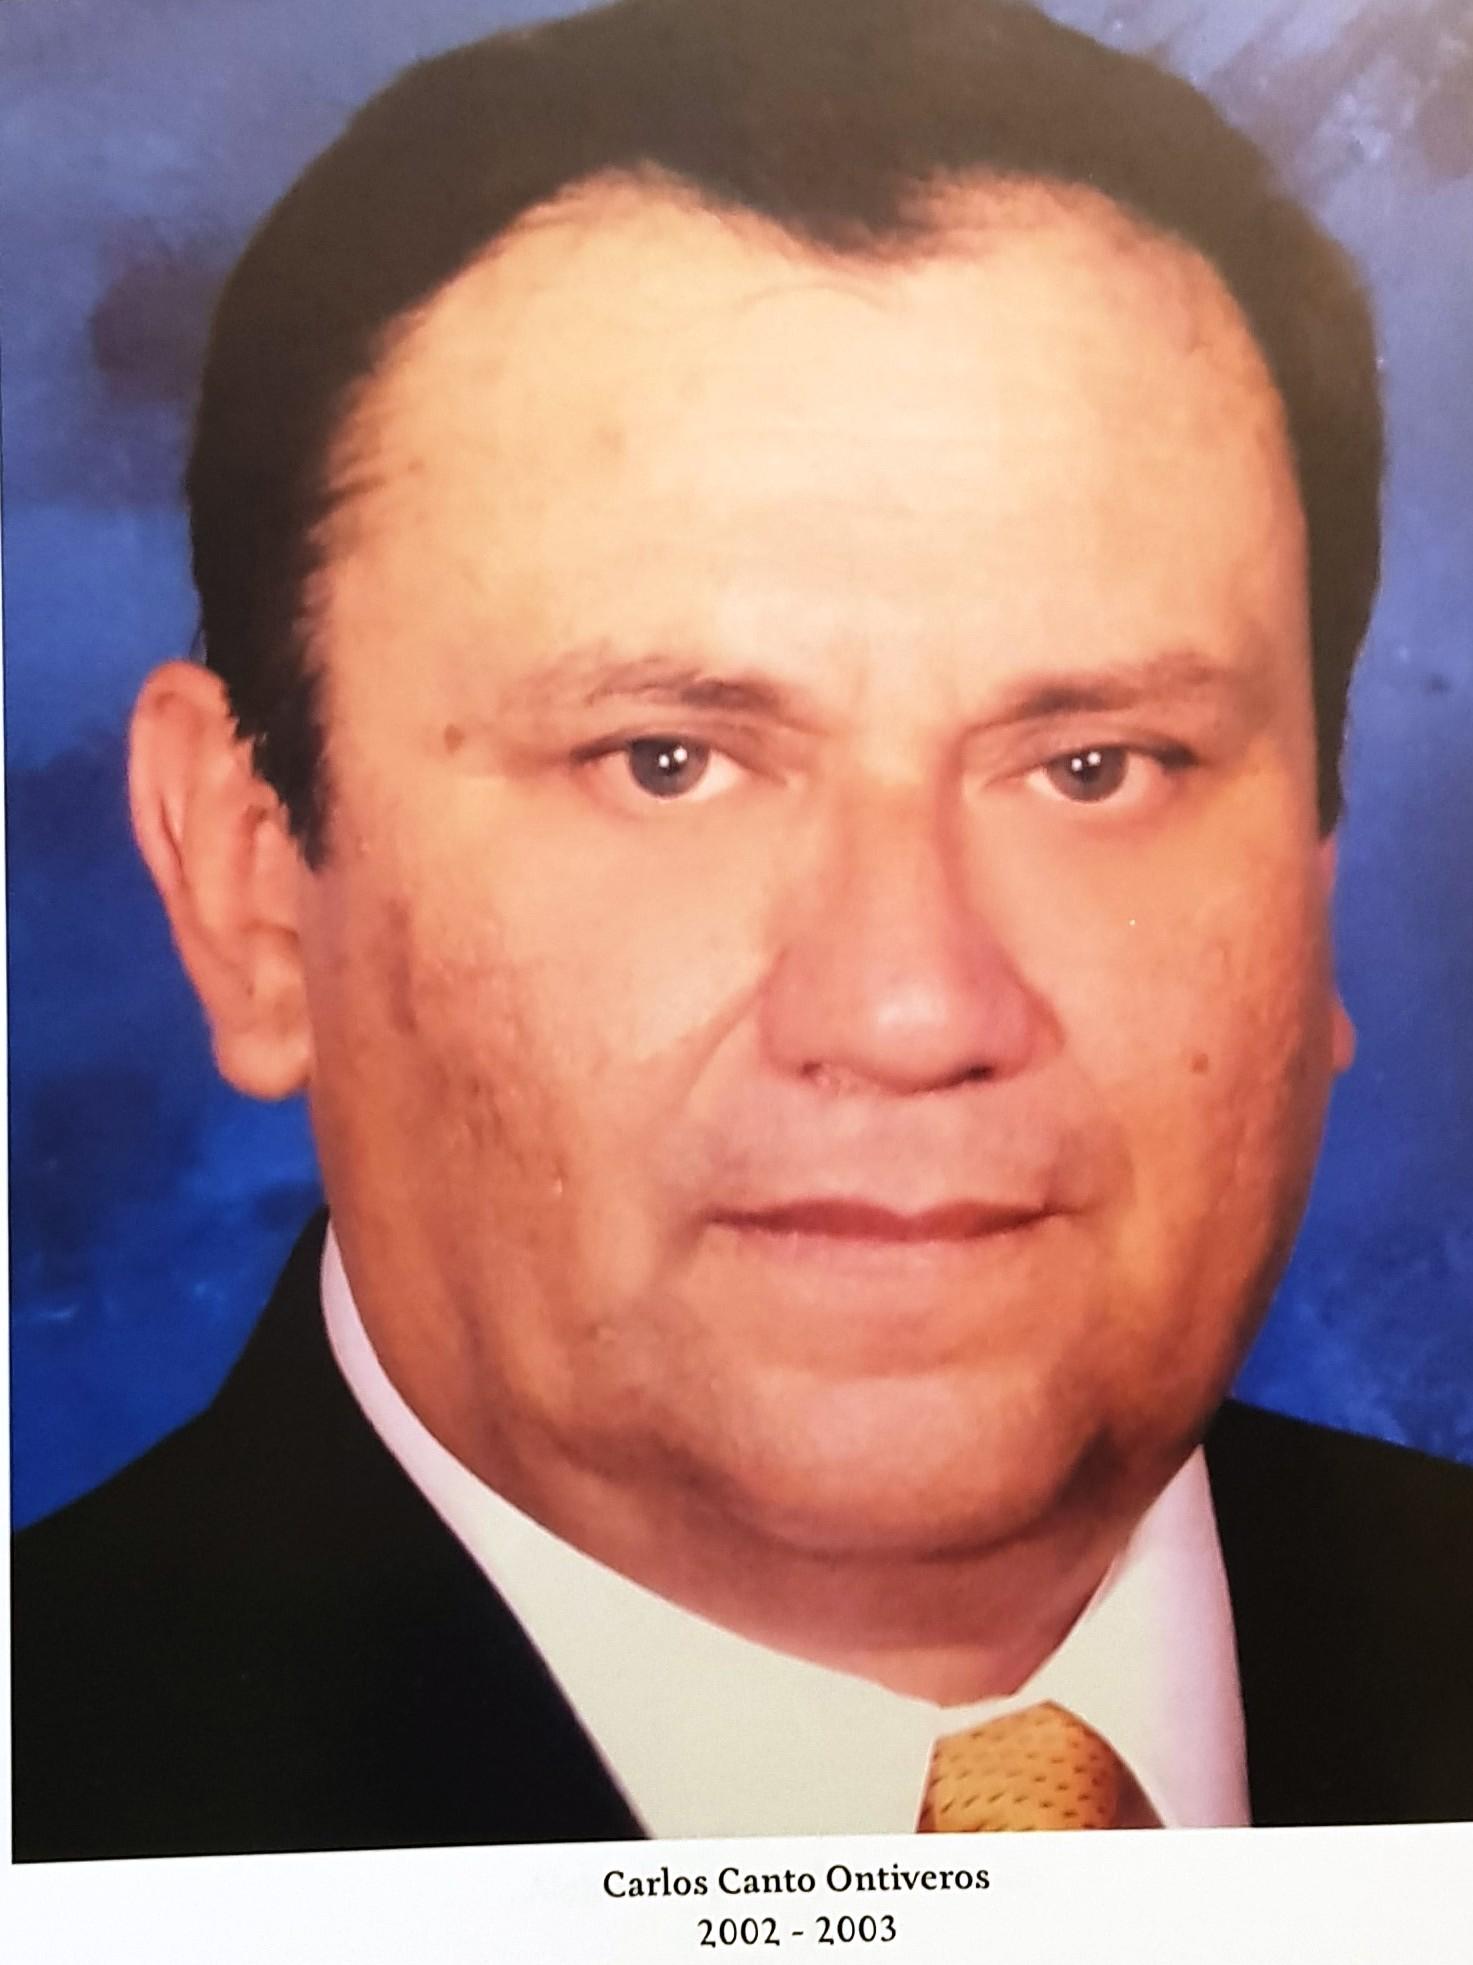 PRESIDENTE DE COPARMEX SR. CARLOS CANTO ONTIVEROS